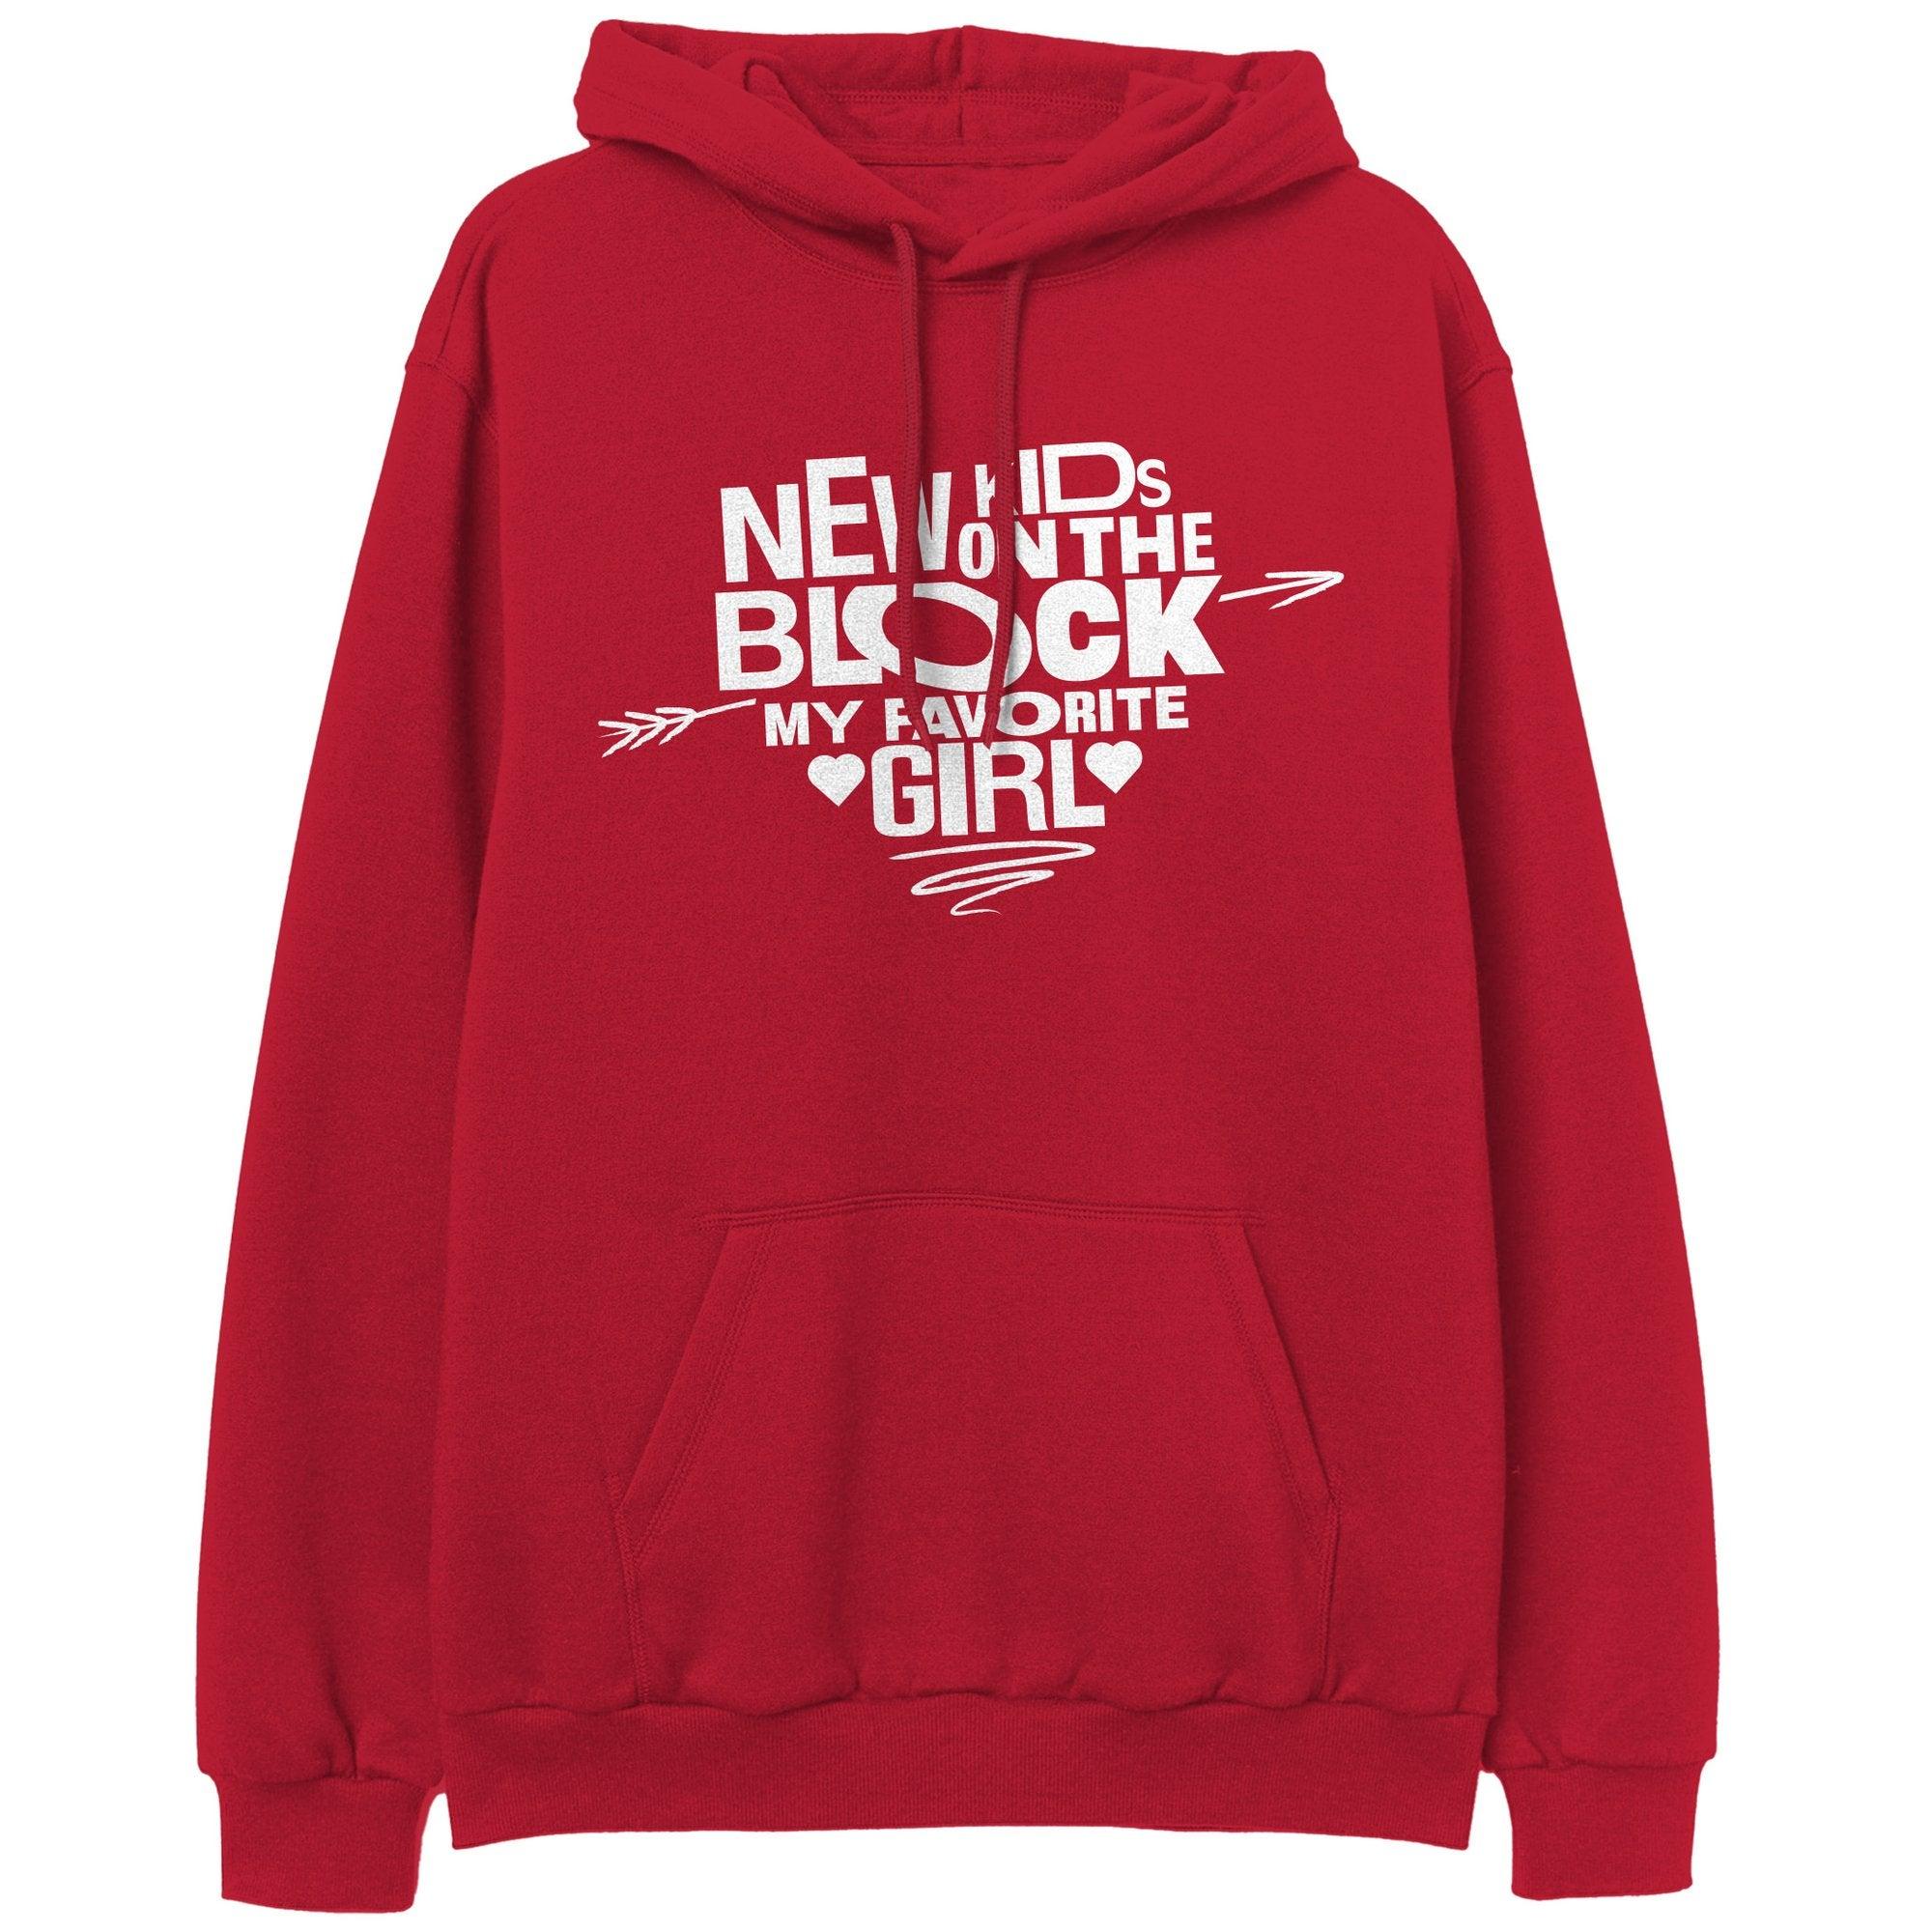 NKOTB Favorite Girl Red Pullover Hoodie